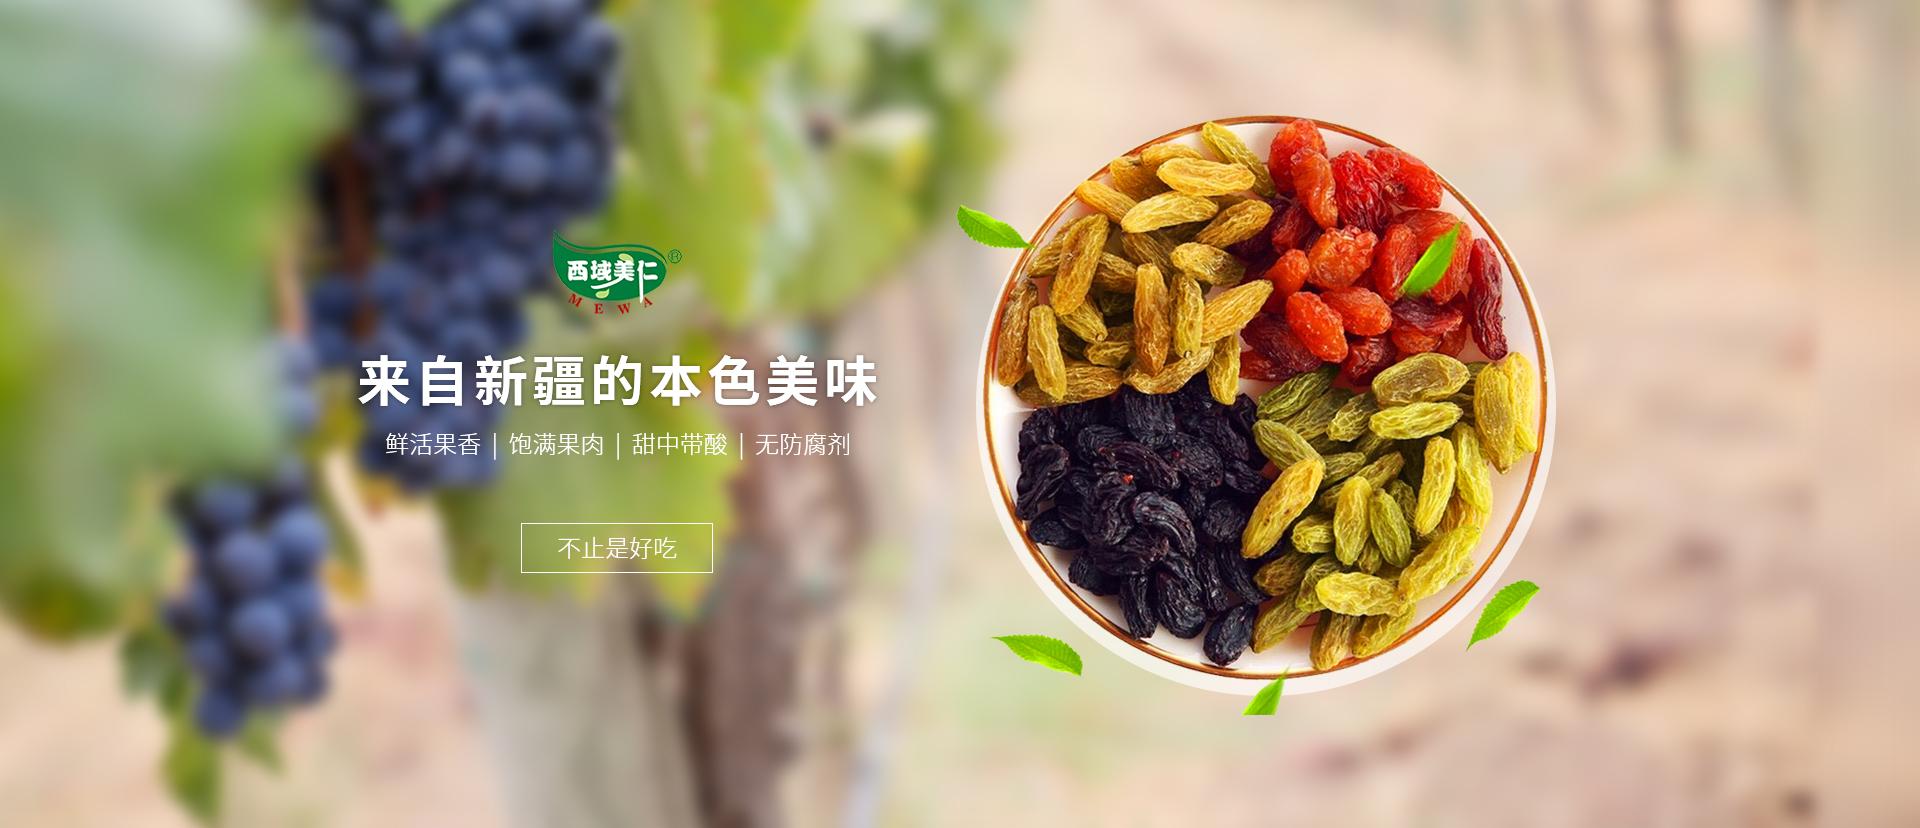 新鲜水果采摘